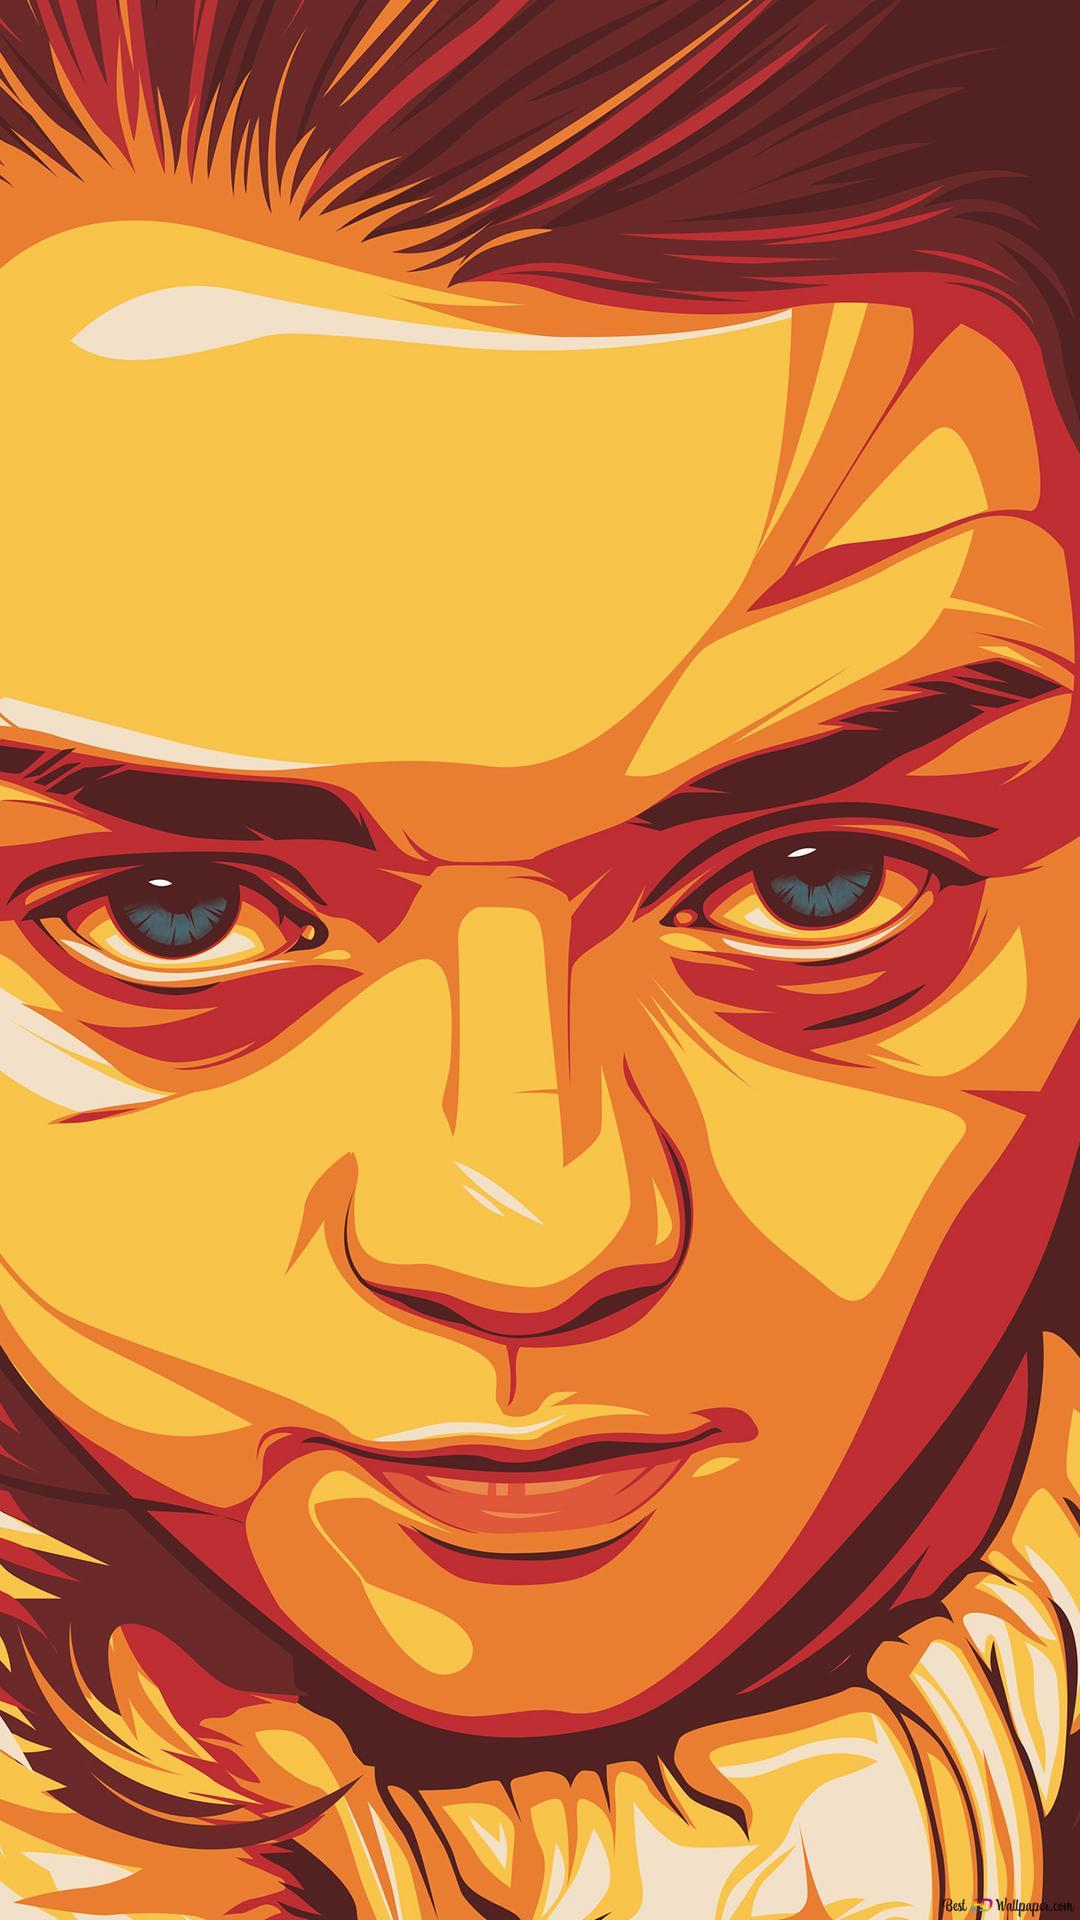 Arya Stark Von Game Of Thrones Hd Hintergrundbilder